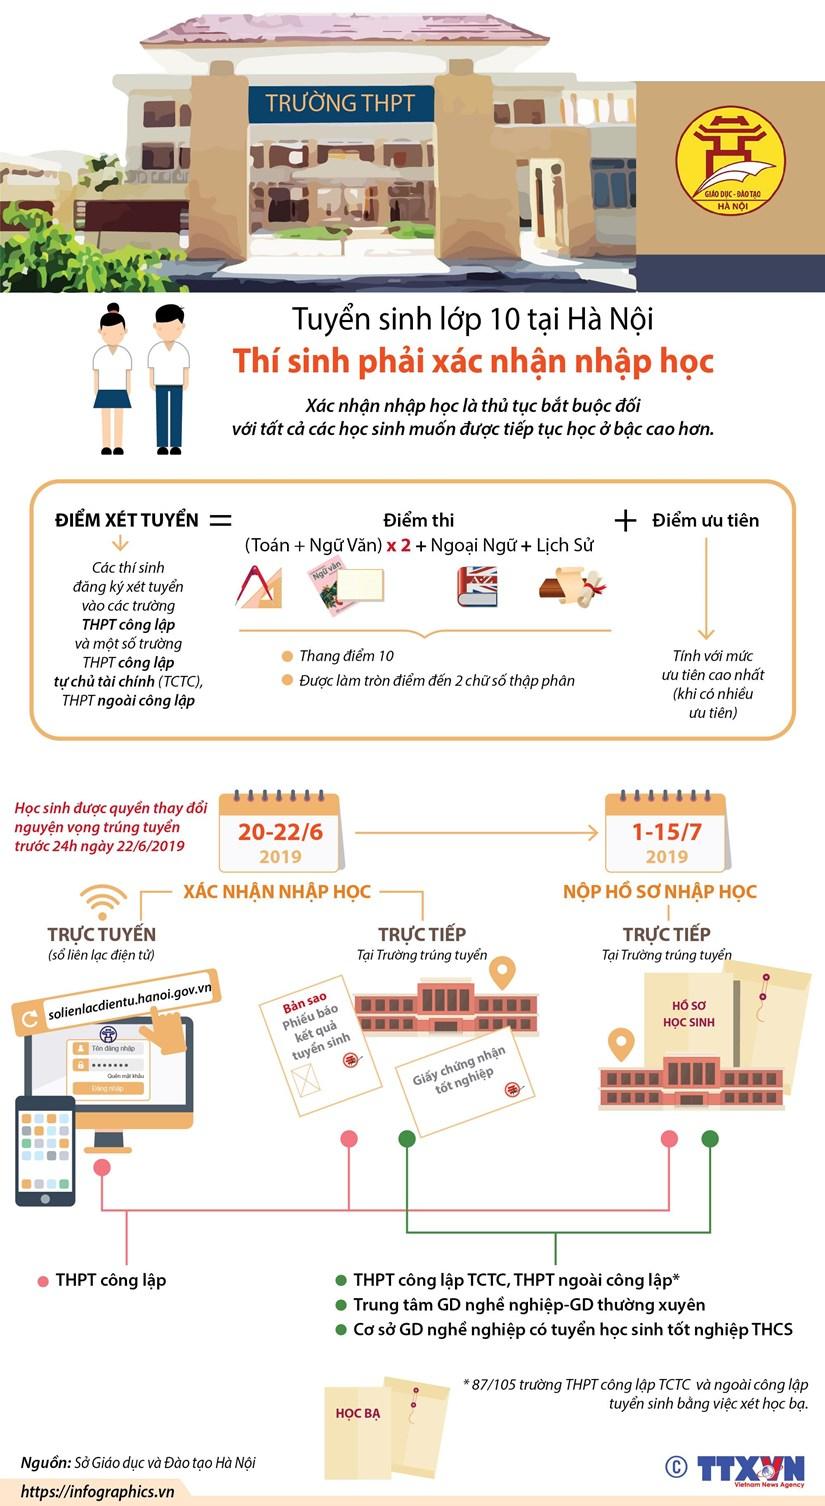 [Infographics] Tuyen sinh lop 10: Thi sinh phai xac nhan nhap hoc hinh anh 1